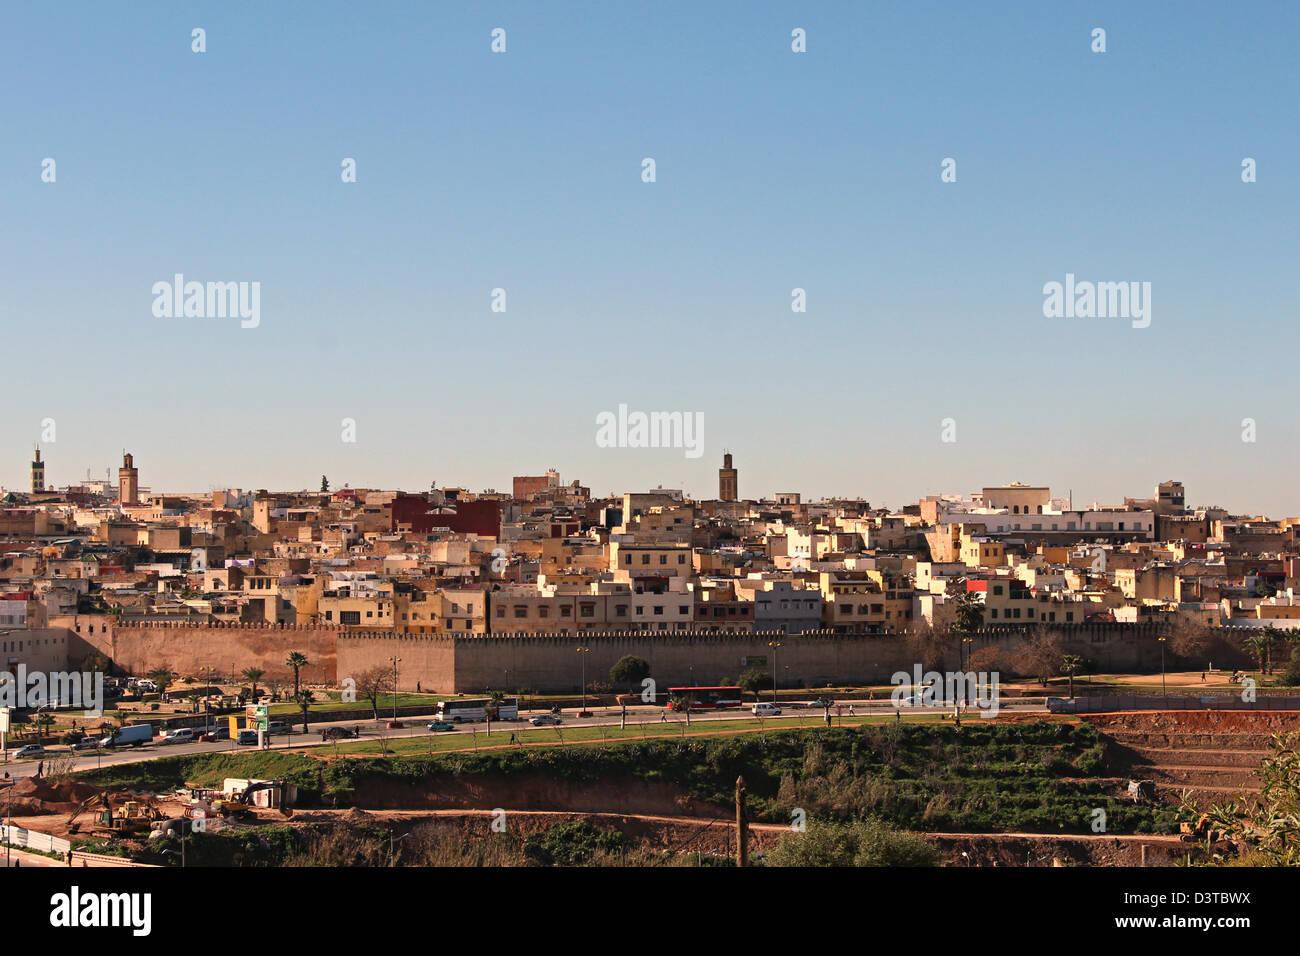 Die Stadt ist umgeben von einem Ring aus Dreifachwand, der Palast des Sultans und eine Zitadelle Almohaden beherbergt. Stockbild